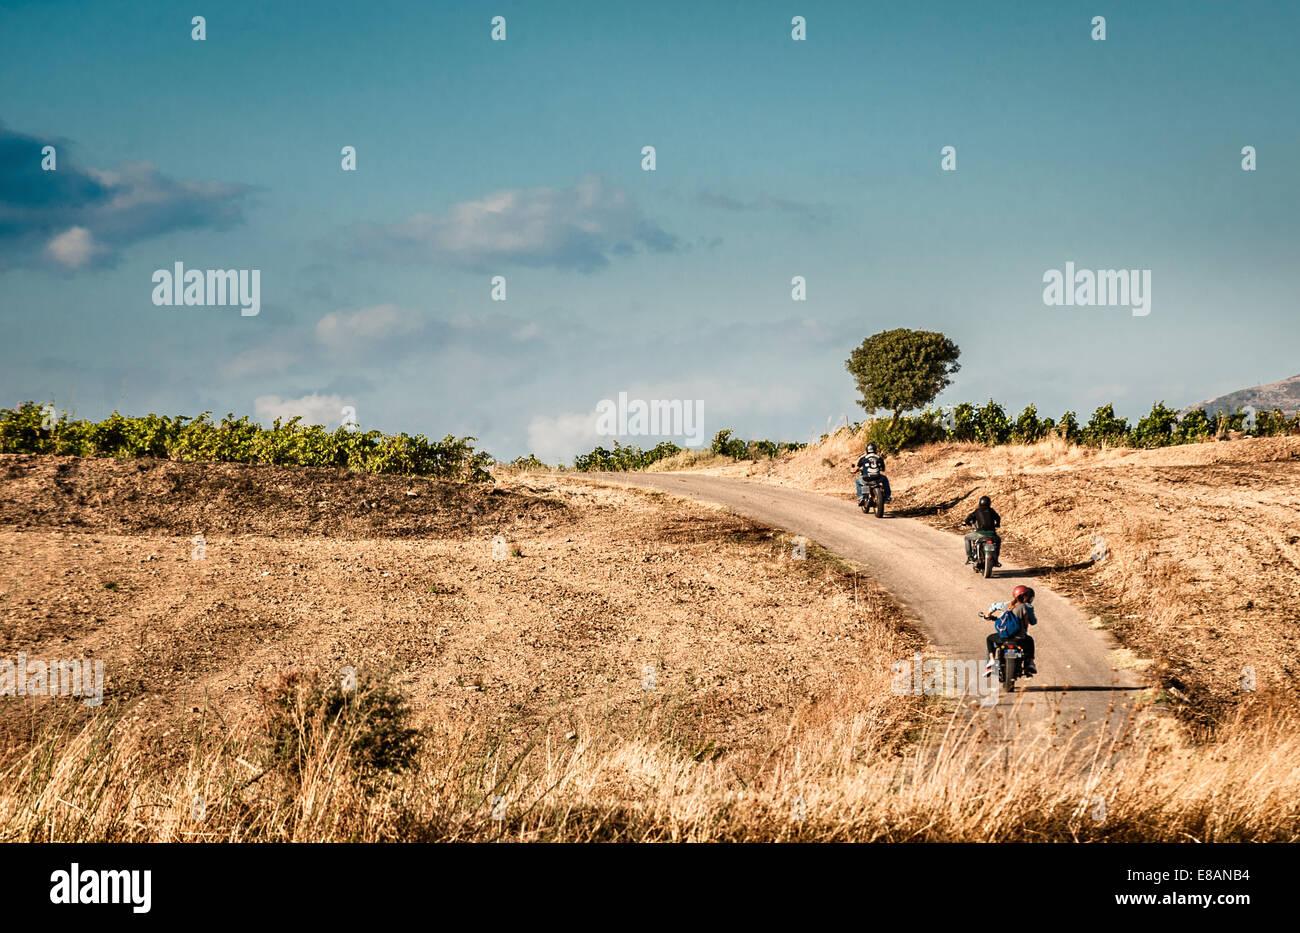 Vista trasera de cuatro amigos montando motos en caminos rurales, Cagliari, Cerdeña, Italia Imagen De Stock